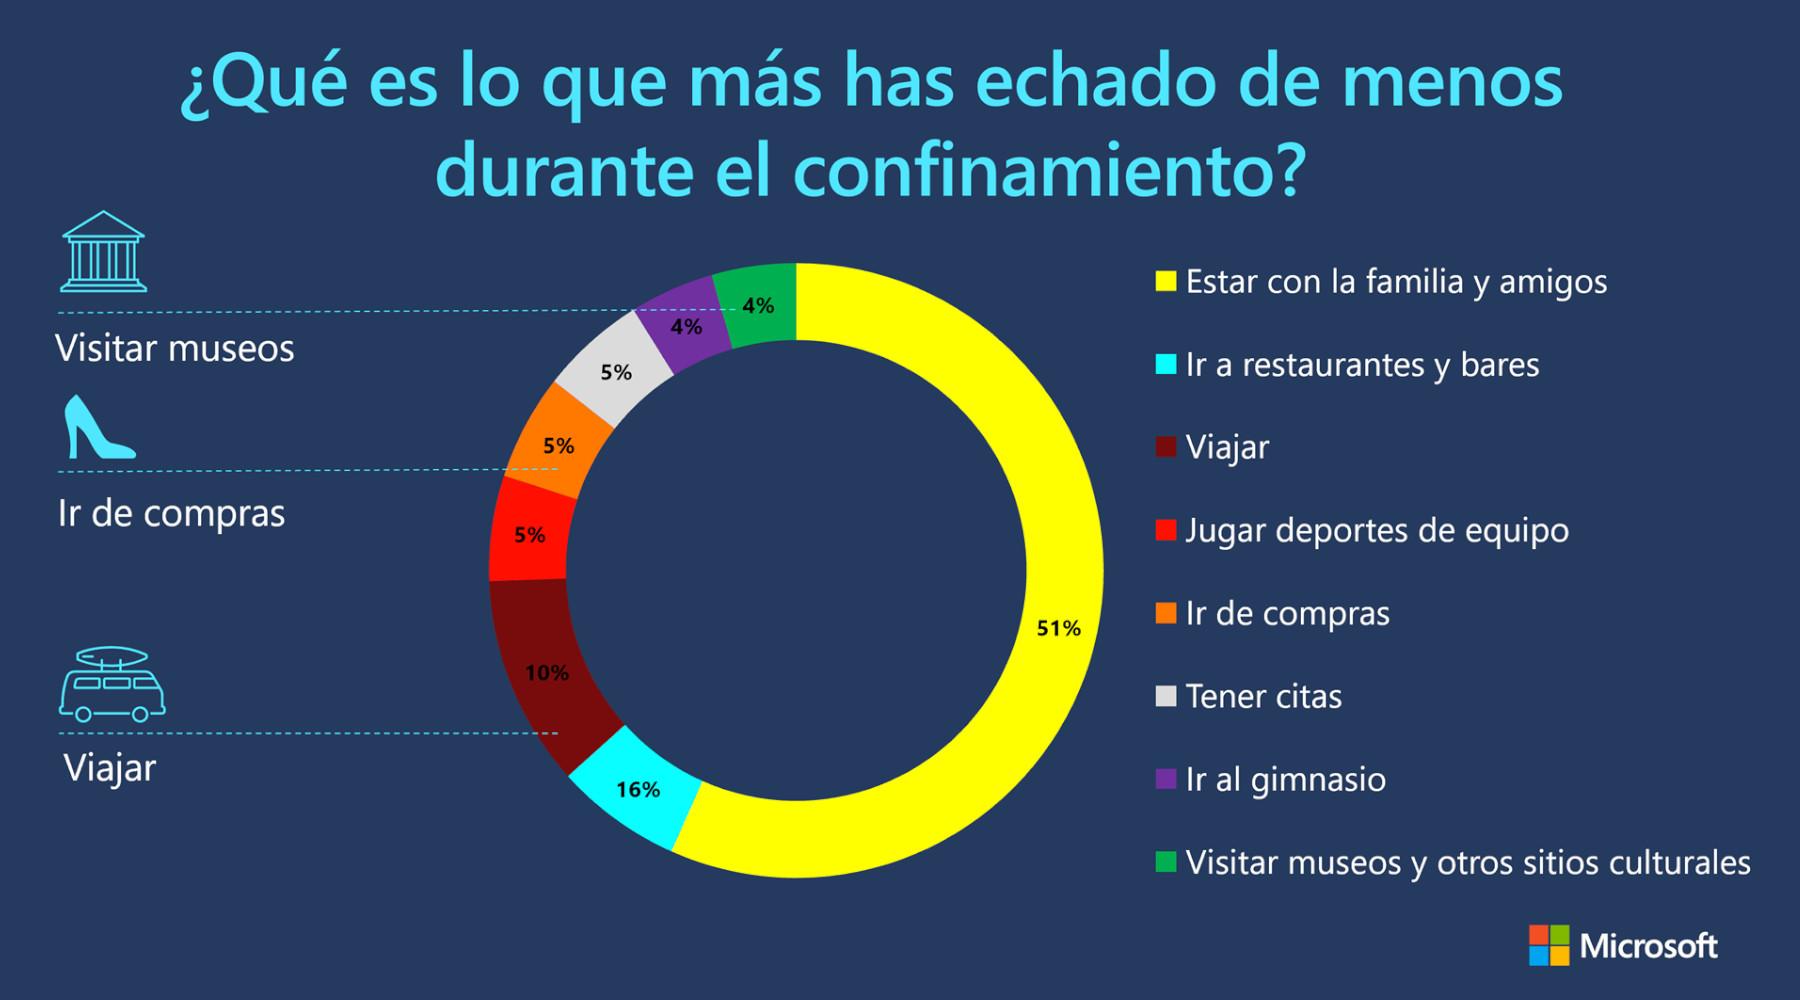 El gráfico muestra los resultados de la encuesta sobre qué es lo que más han echado de menos los consumidores durante el confinamiento